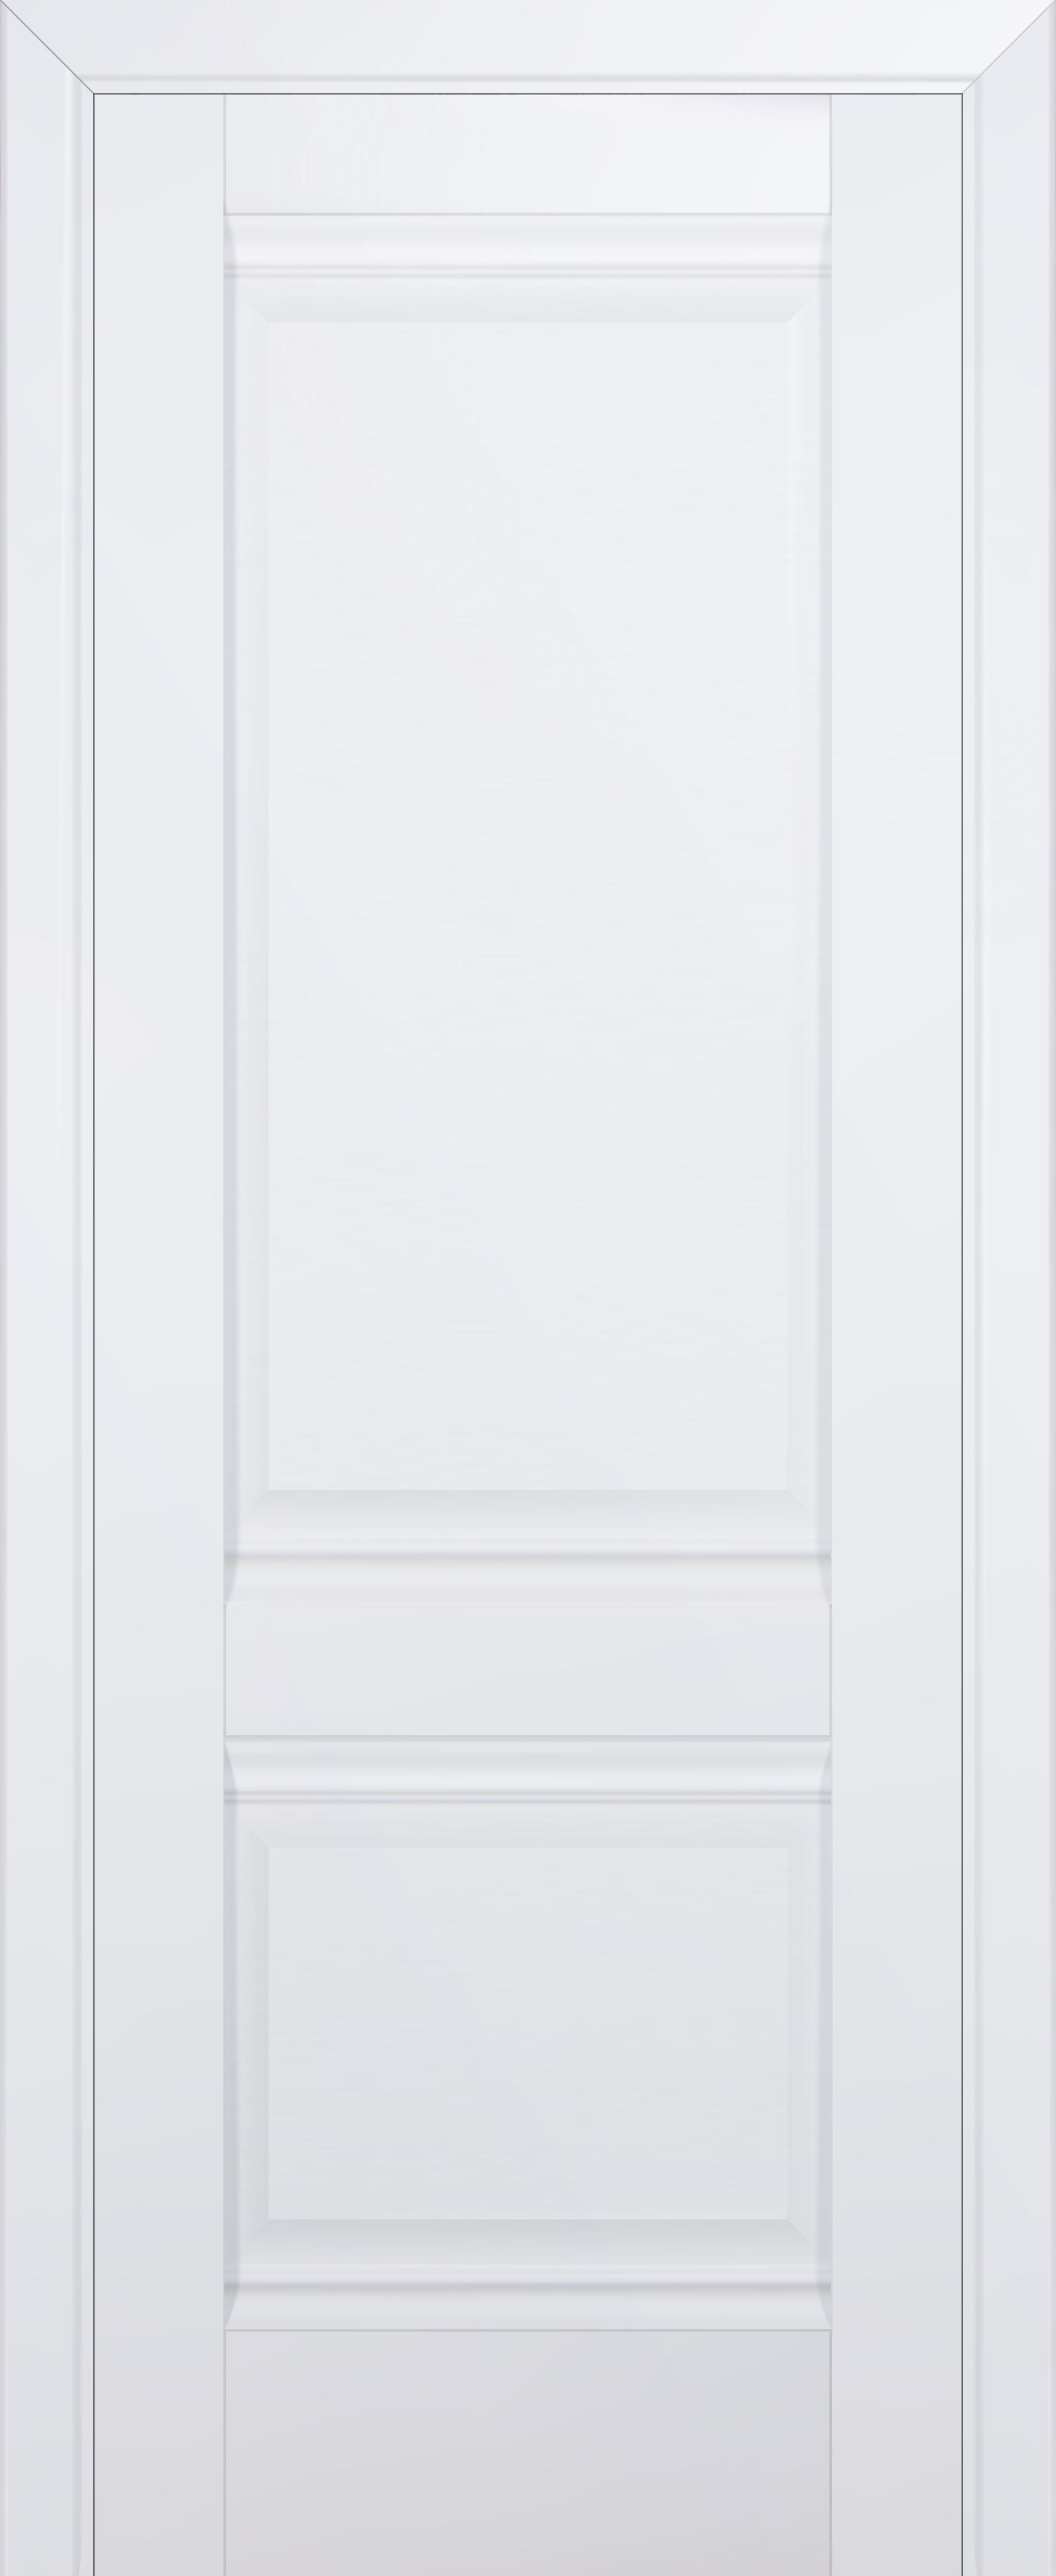 Milano uk alaska interior door buy home interior door at - Best place to buy interior doors ...